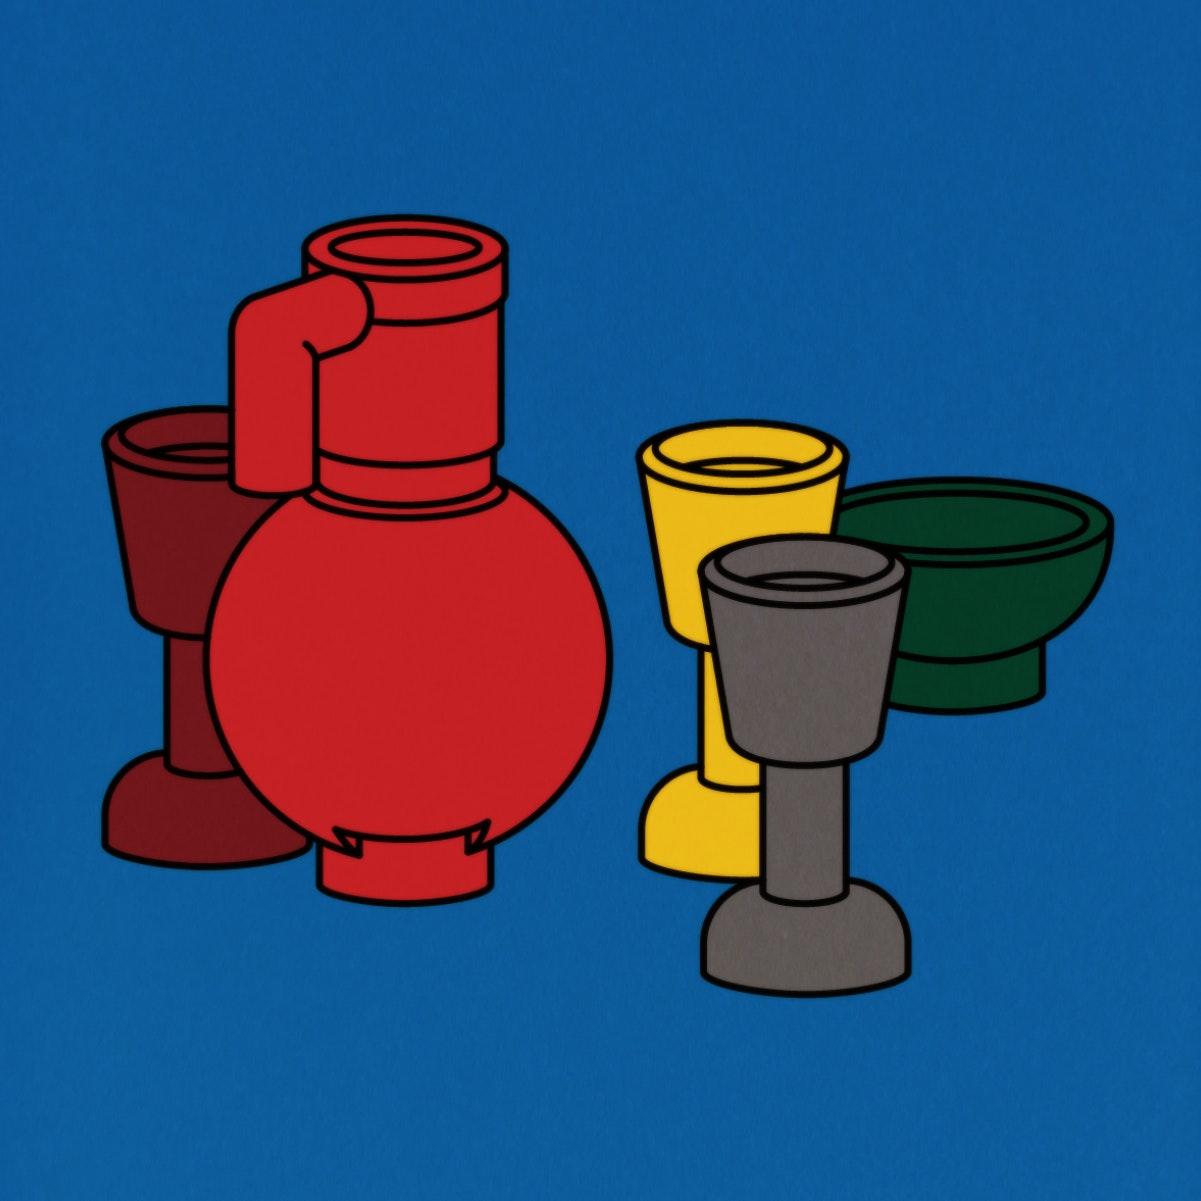 Emile - caulfield_Lego_colour_0